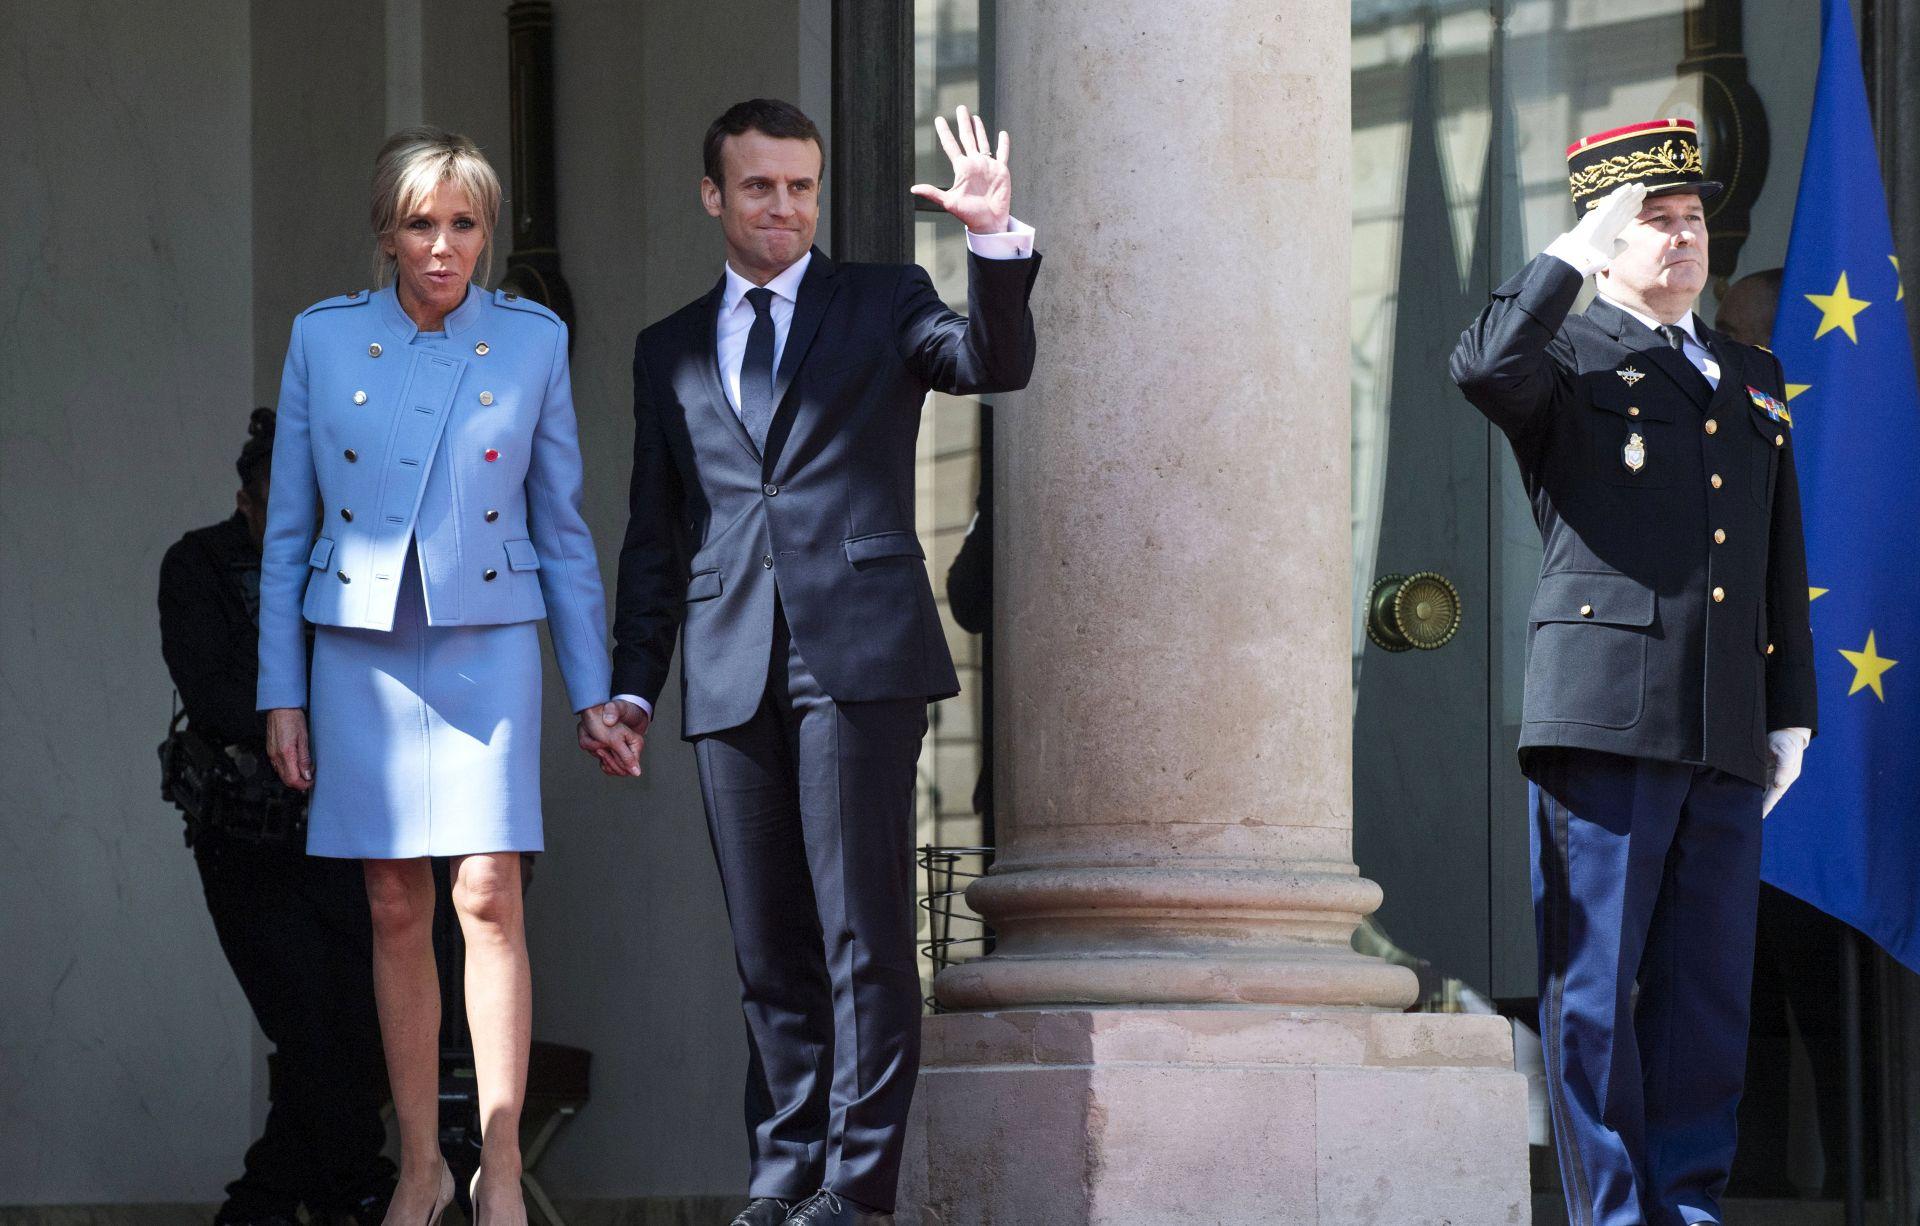 Macron nakon ulaska u Elizejsku palaču želi revitalizirati EU